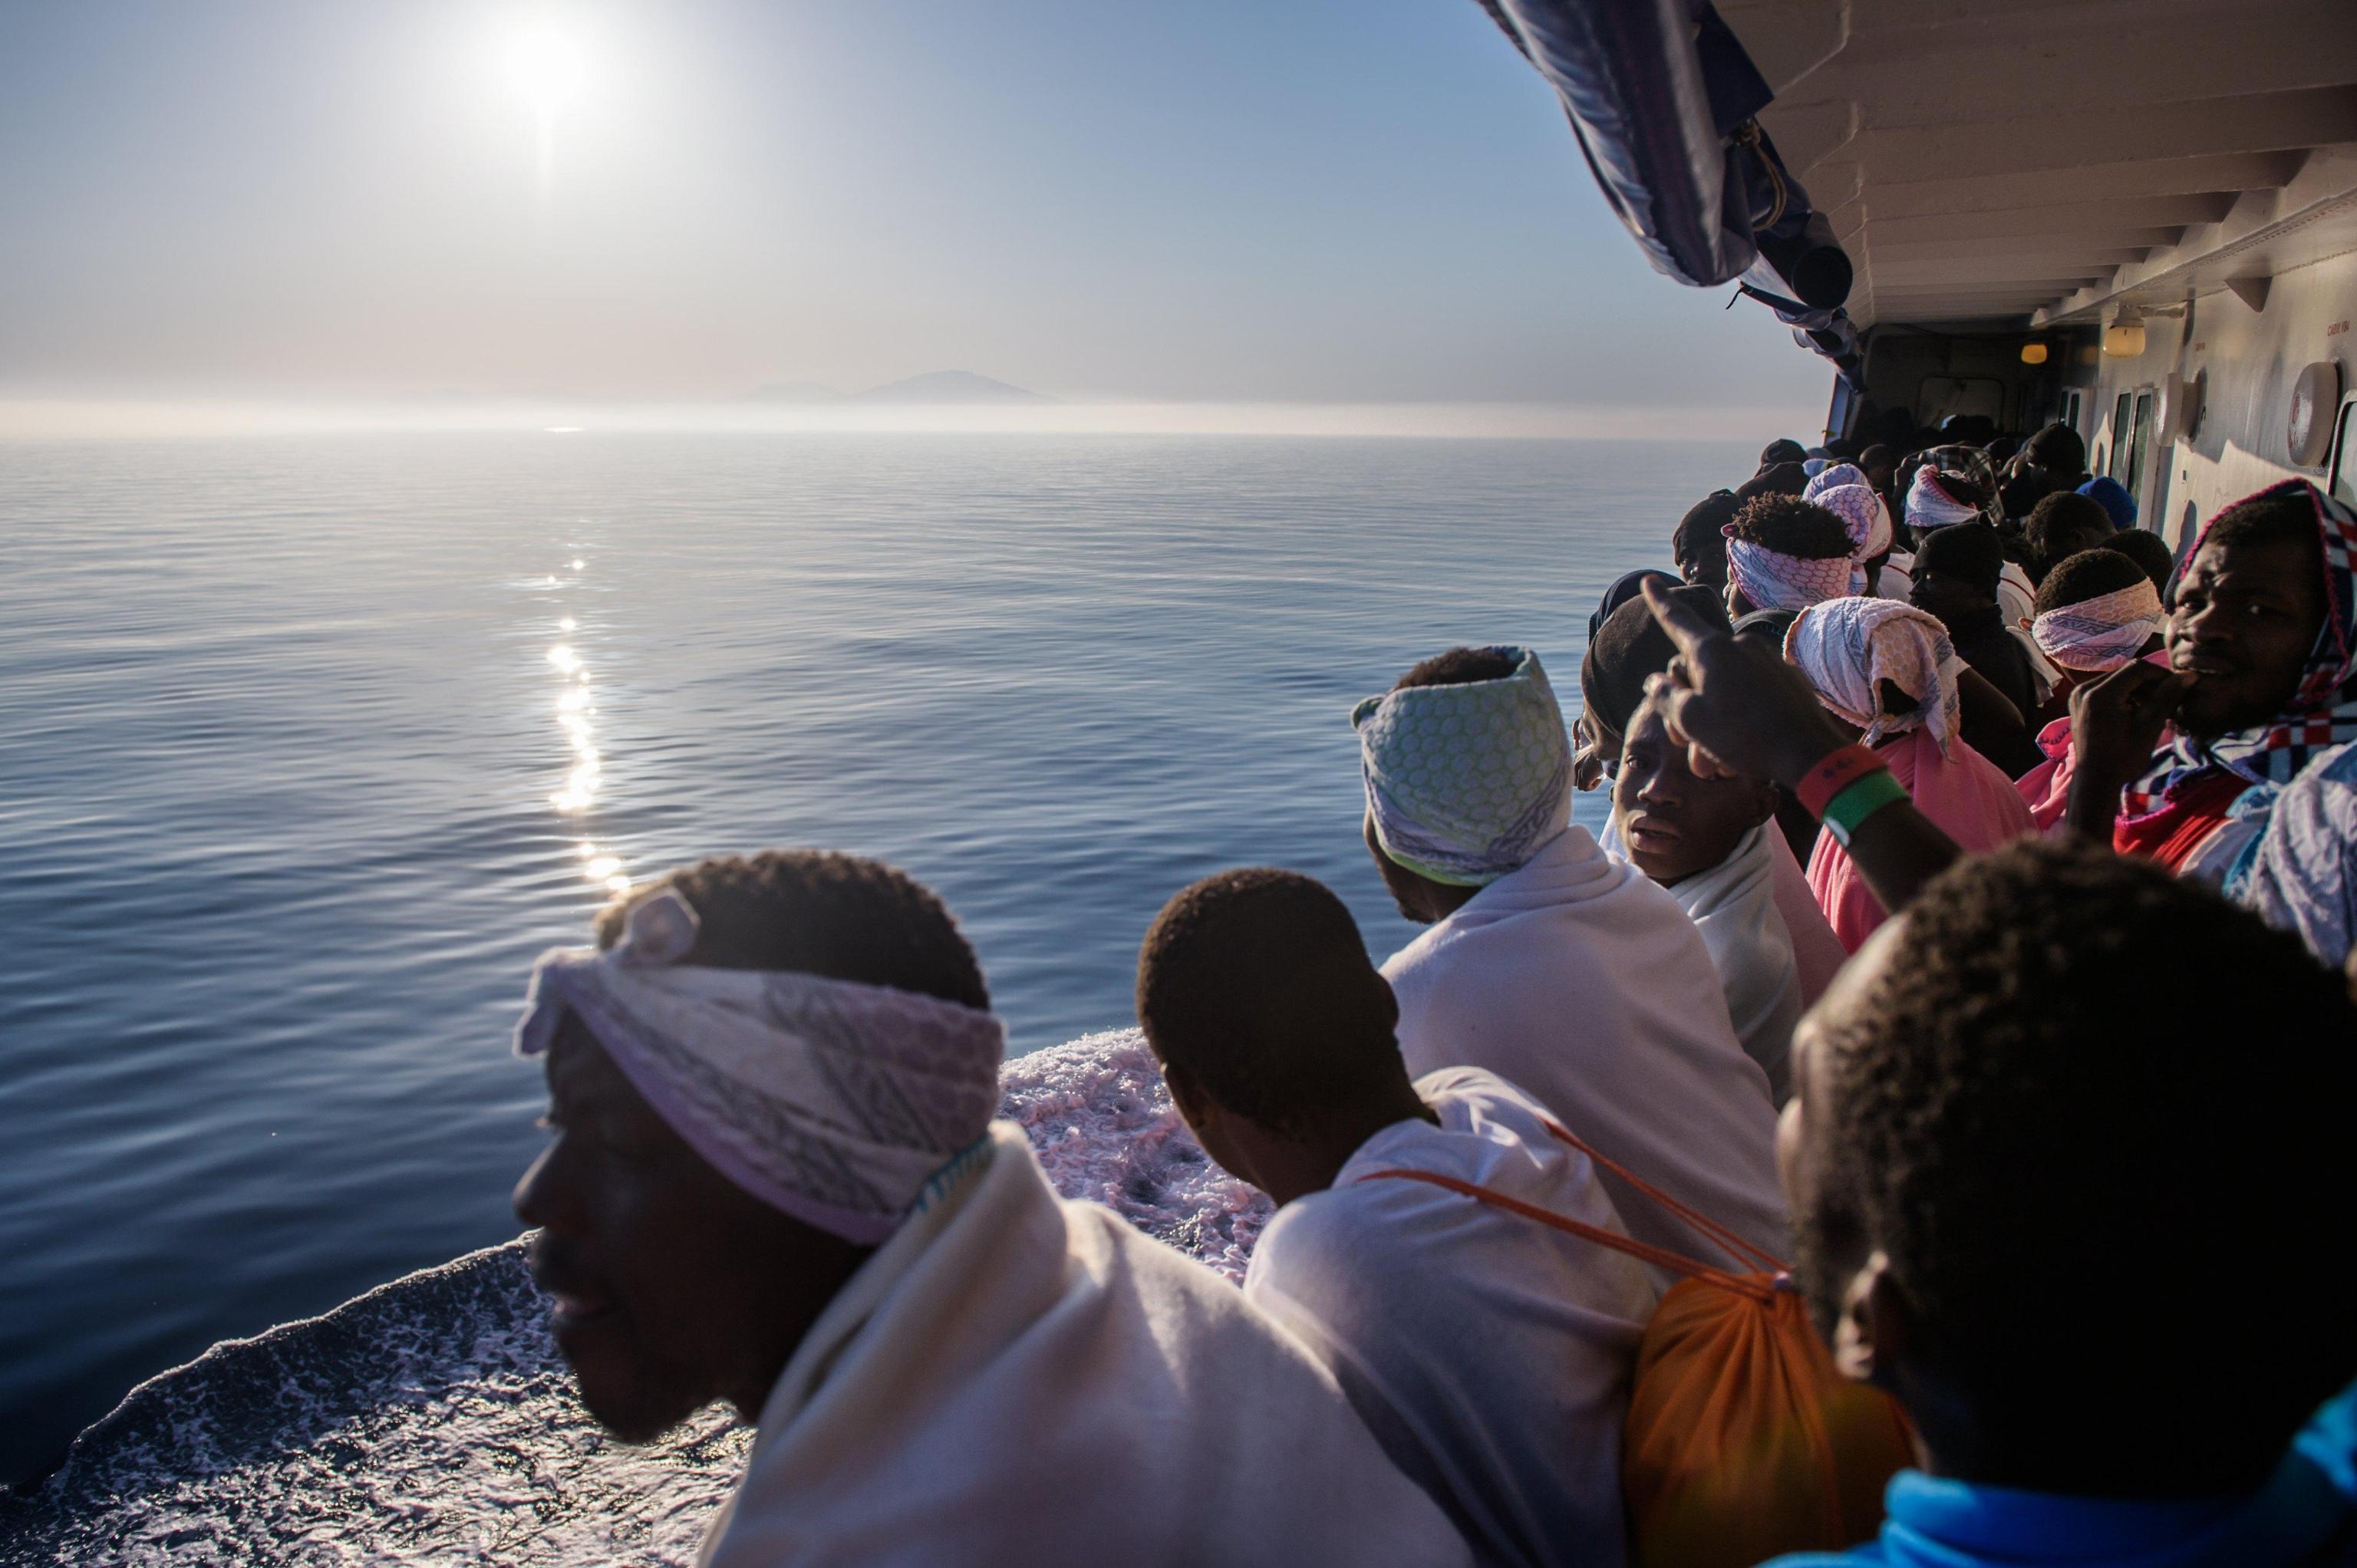 Presunto scafista arrestato a Trapani, avrebbe trasportato 14 migranti tunisini